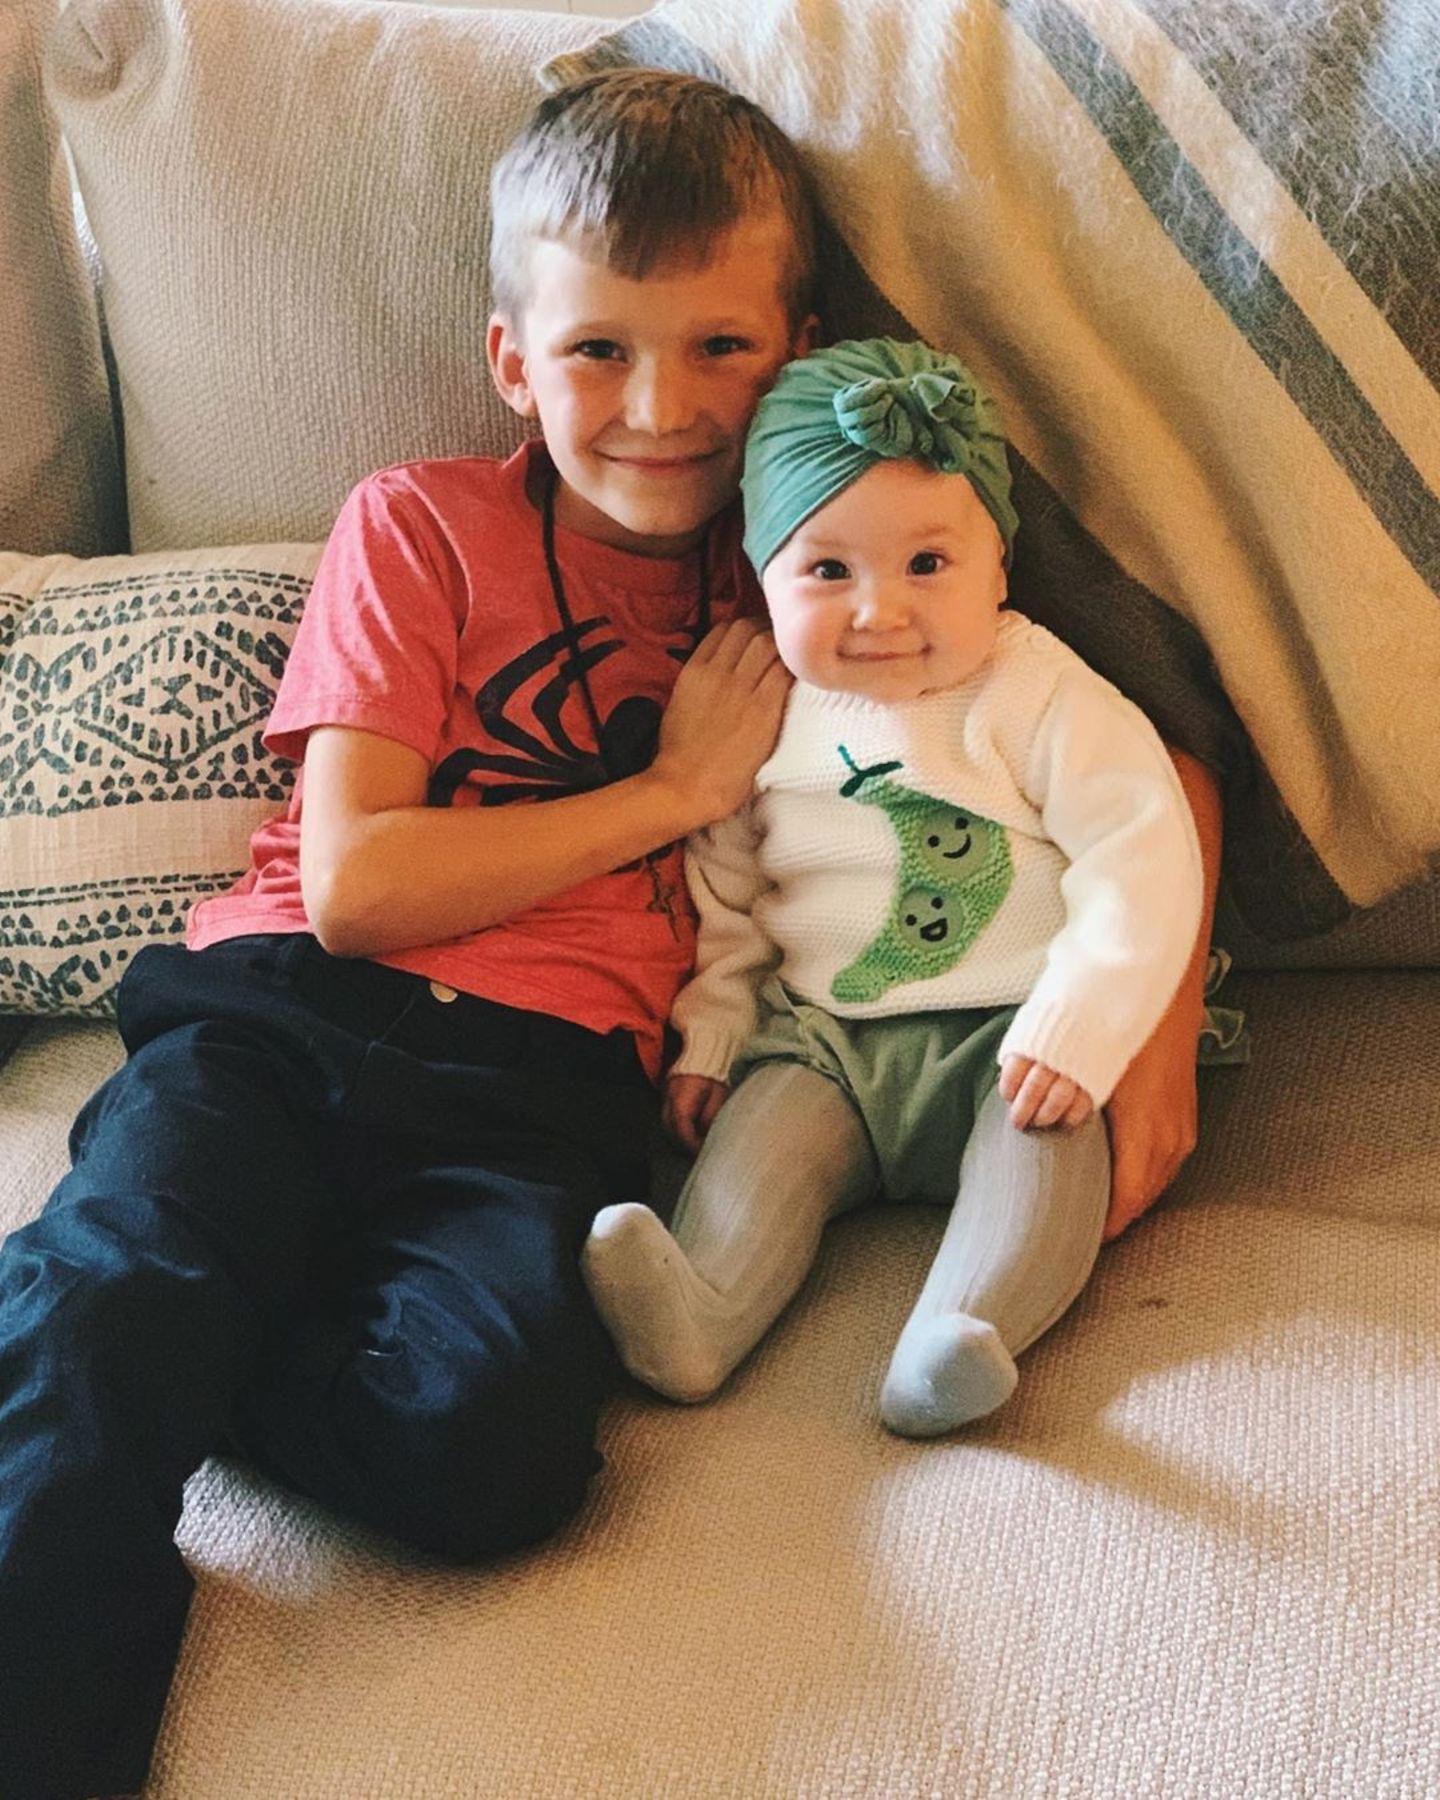 Awwww, wie niedlich ist die Tochter von Kate Hudson denn? Die kleine Rani posiert als Prinzessin auf der Erbseneben ihrem großen Bruder. Dabei trägt sie ein T-Shirt mit einer Erbse drauf und ein grünes Mützchen auf dem Kopf. Ein unglaublich süßer Anblick!